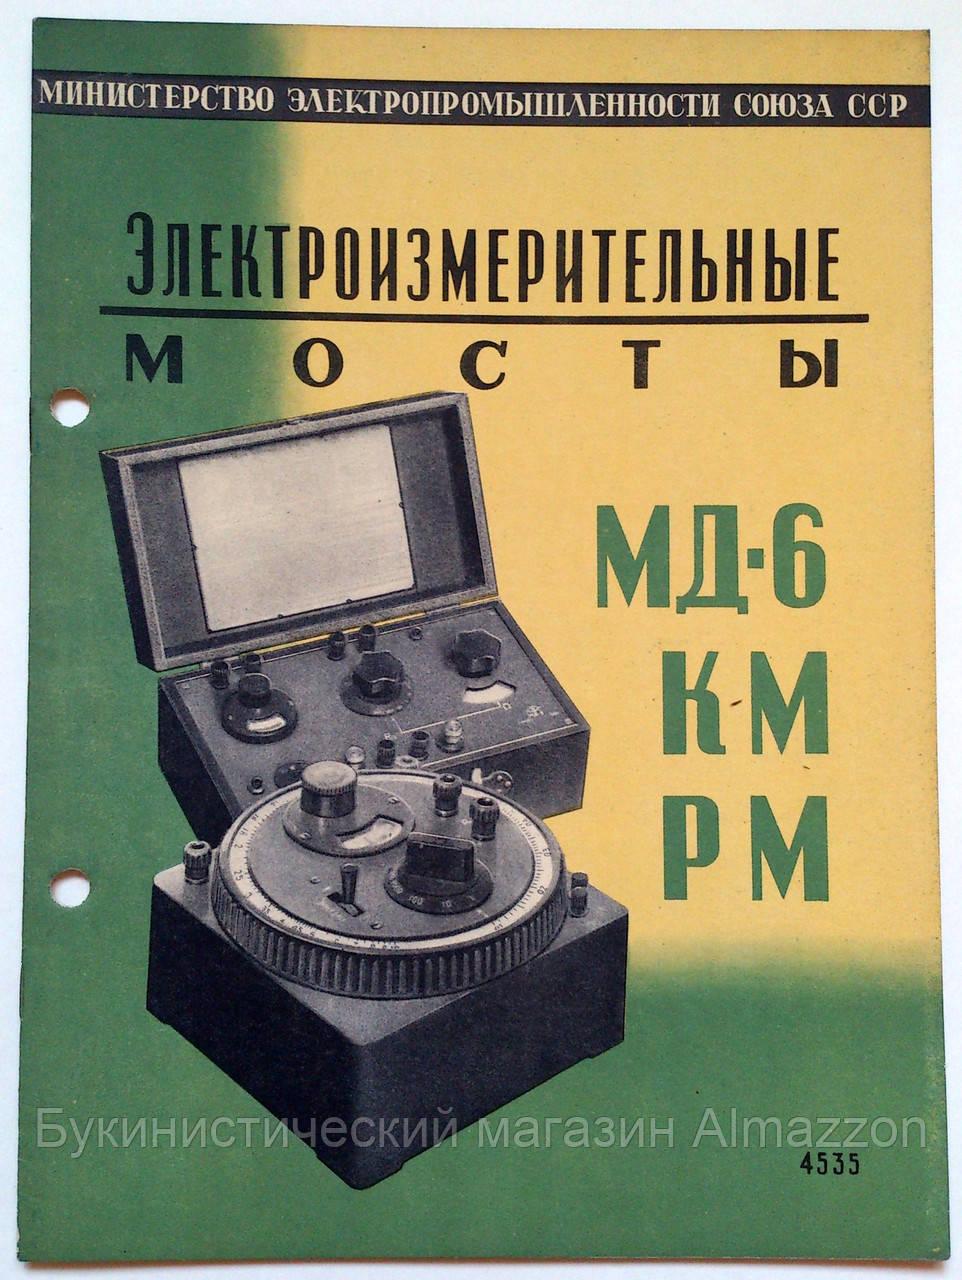 """Журнал (Бюллетень) """"Электроизмерительные мосты МД-6, КМ, РМ"""" 1952 год"""